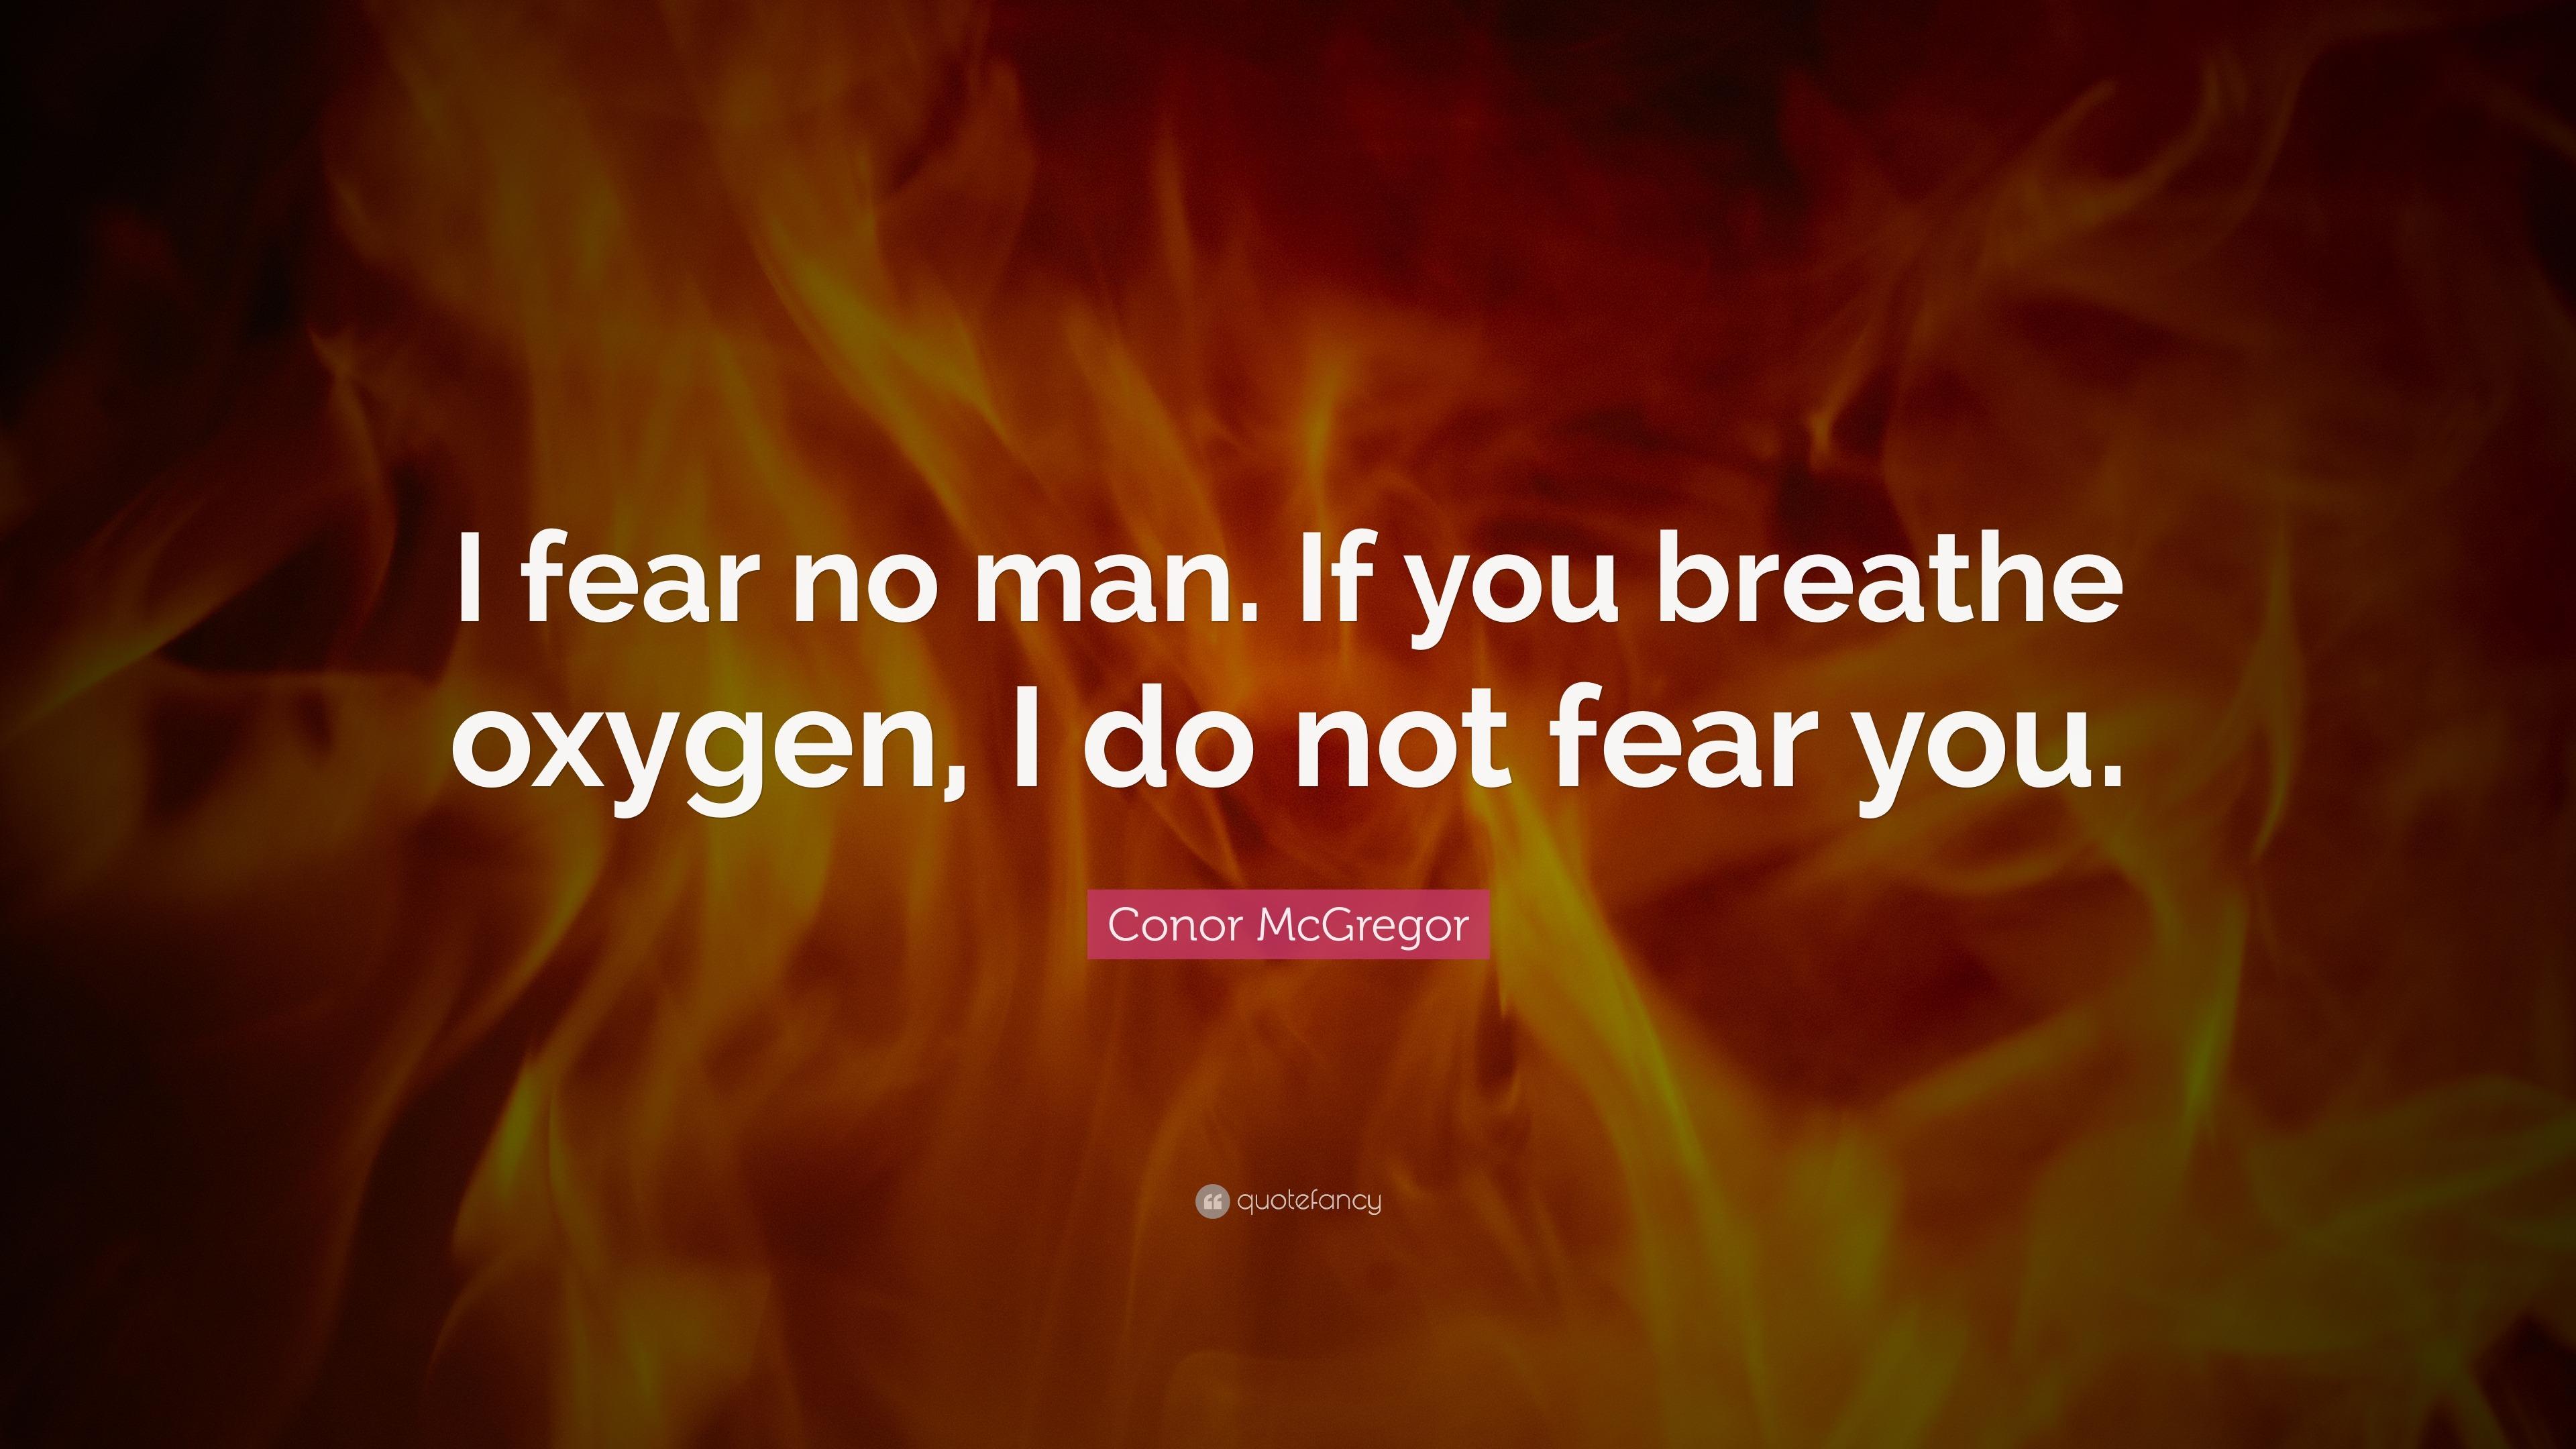 I fear no man